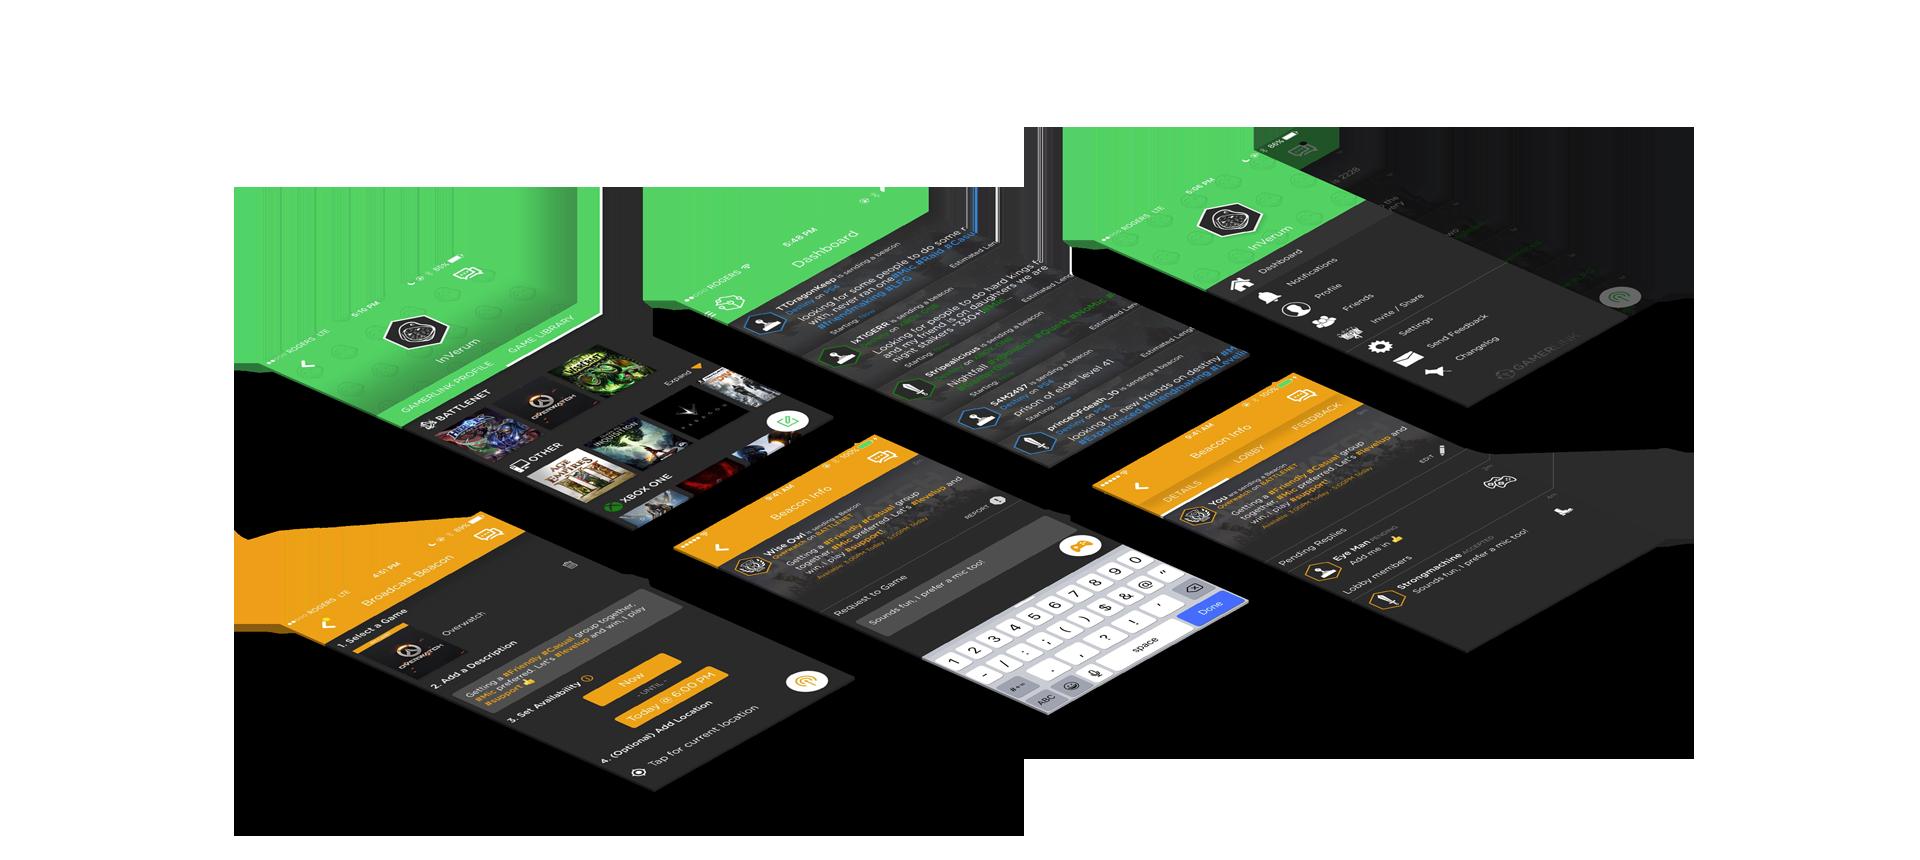 Download The Best Overwatch LFG App